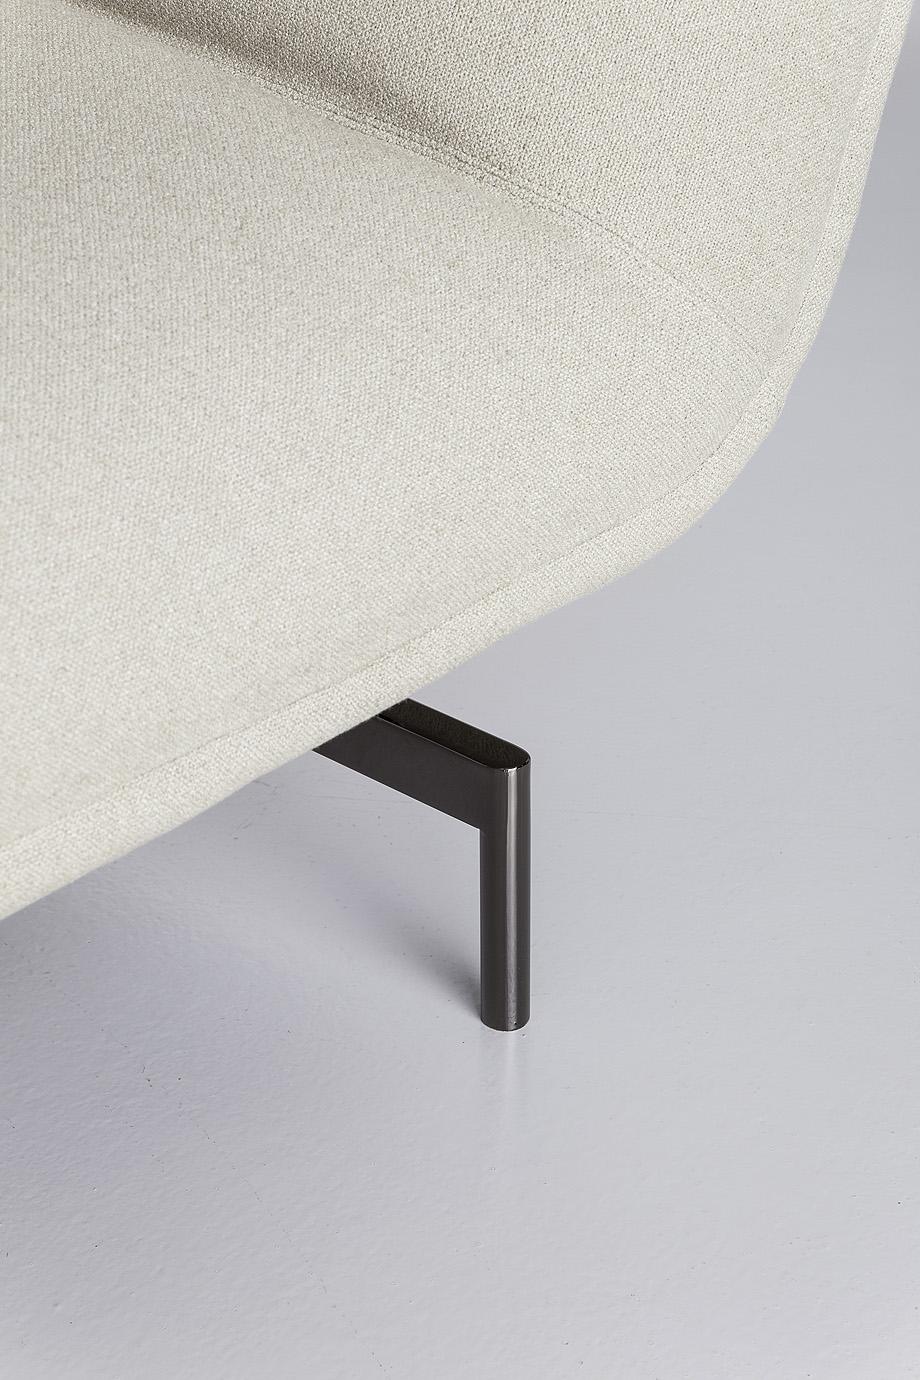 sofa tenso de luca nichetto y kristalia (5)